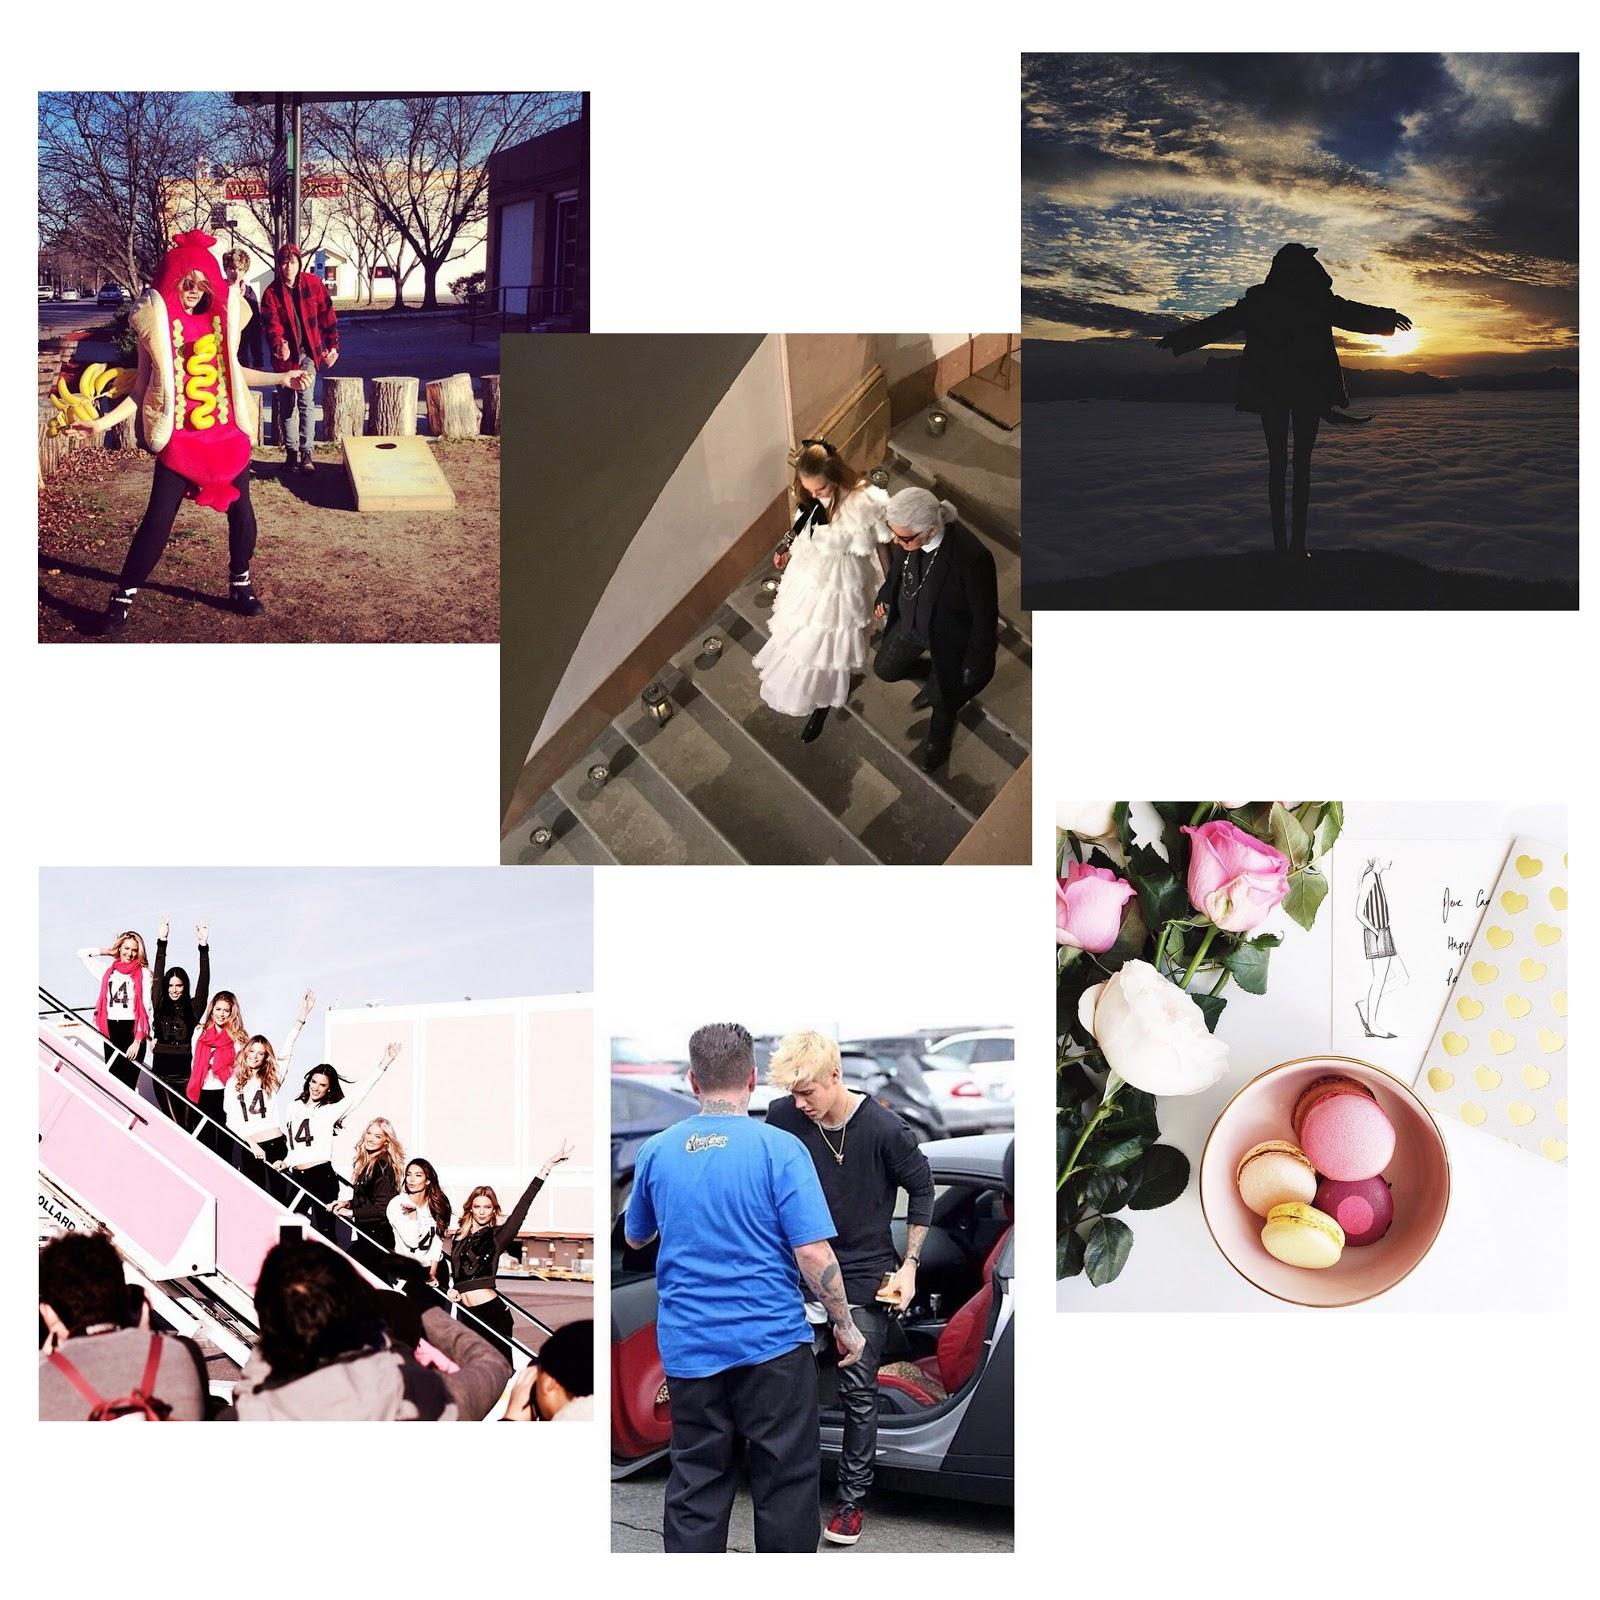 instagram, favourites, deau, blogger, dominique, candido, blog, victorias, secret, paris, in , four, months, fashion, kendall, jenner, mode, dutch, cara, delevigne, justin, bieber,  chanel,